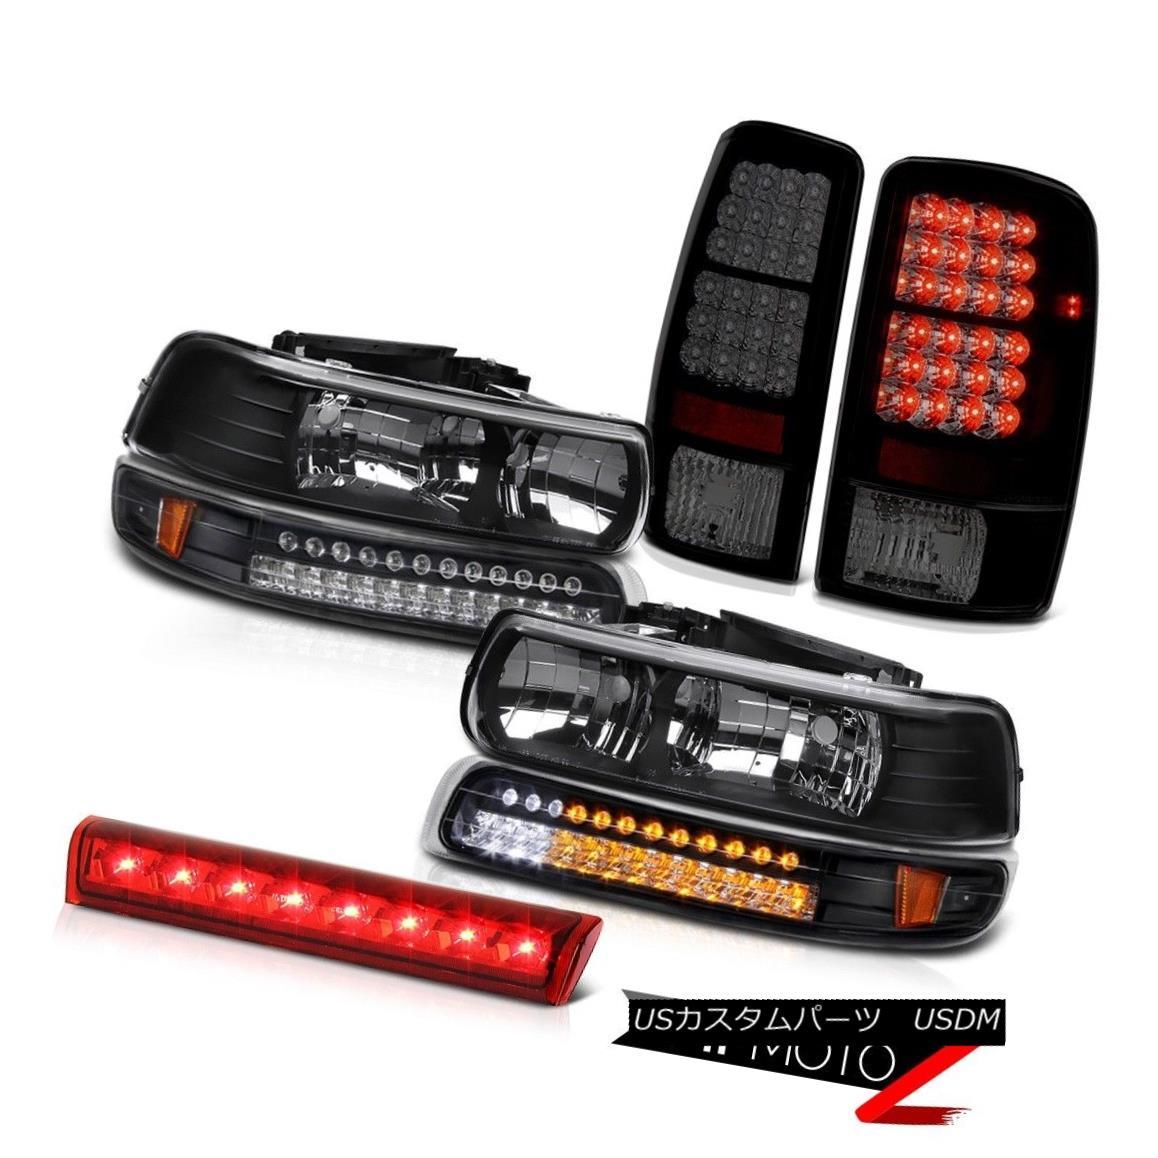 テールライト Pair Black Headlights LED Bumper Brake Tail Lights Roof 2000-2006 Chevy Suburban ペアブラックヘッドライトLEDバンパーブレーキテールライトルーフ2000-2006シボレー郊外